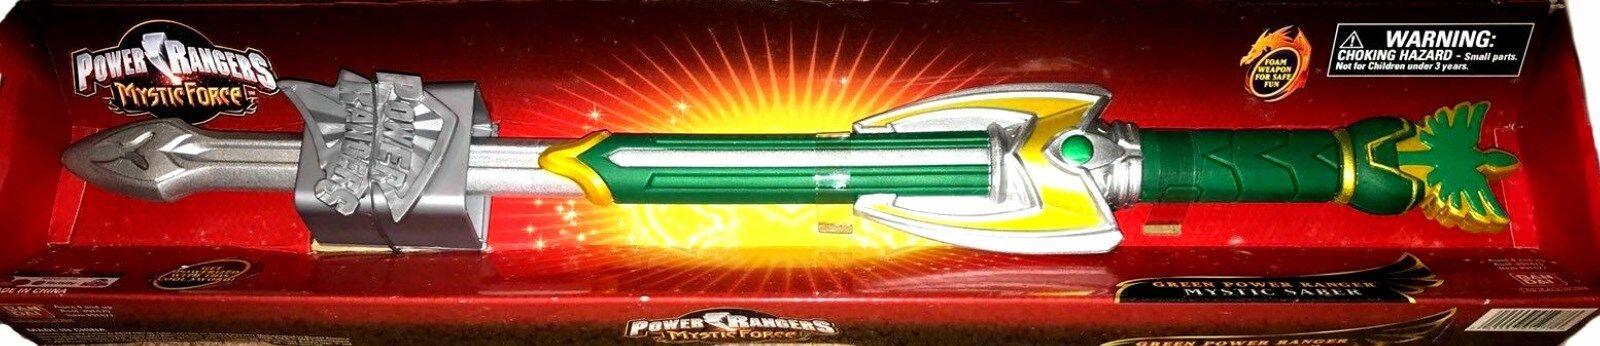 Power rangers mystische kraft 21  - grüne mystic säbel neue fabrik versiegelt, 2005